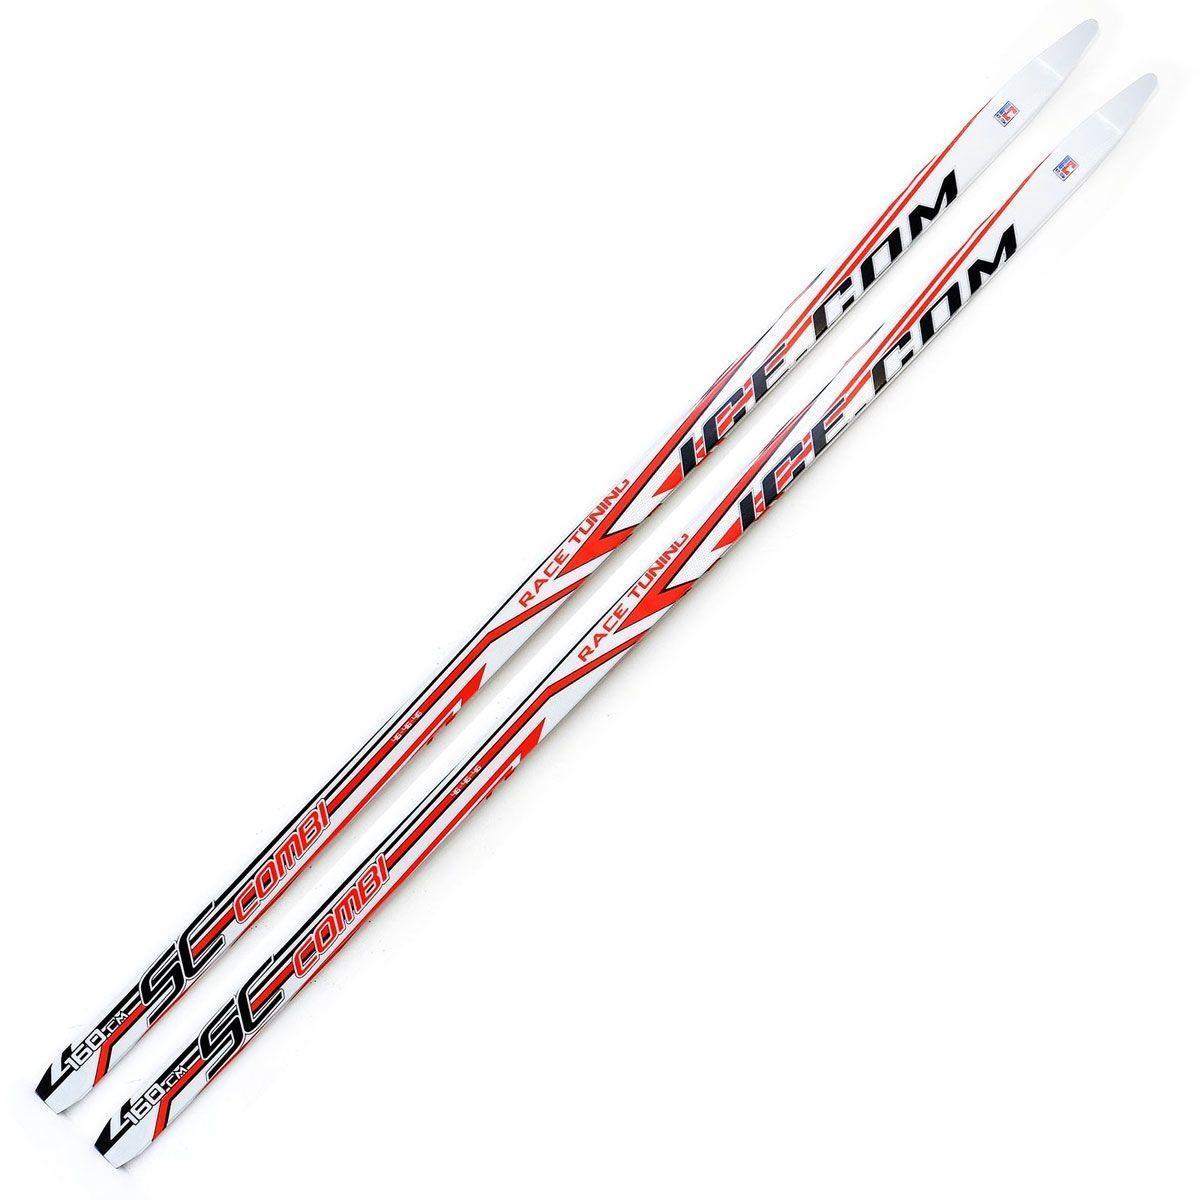 Беговые лыжи Ice.com Combi 2015 , цвет: красный, рост 150 см